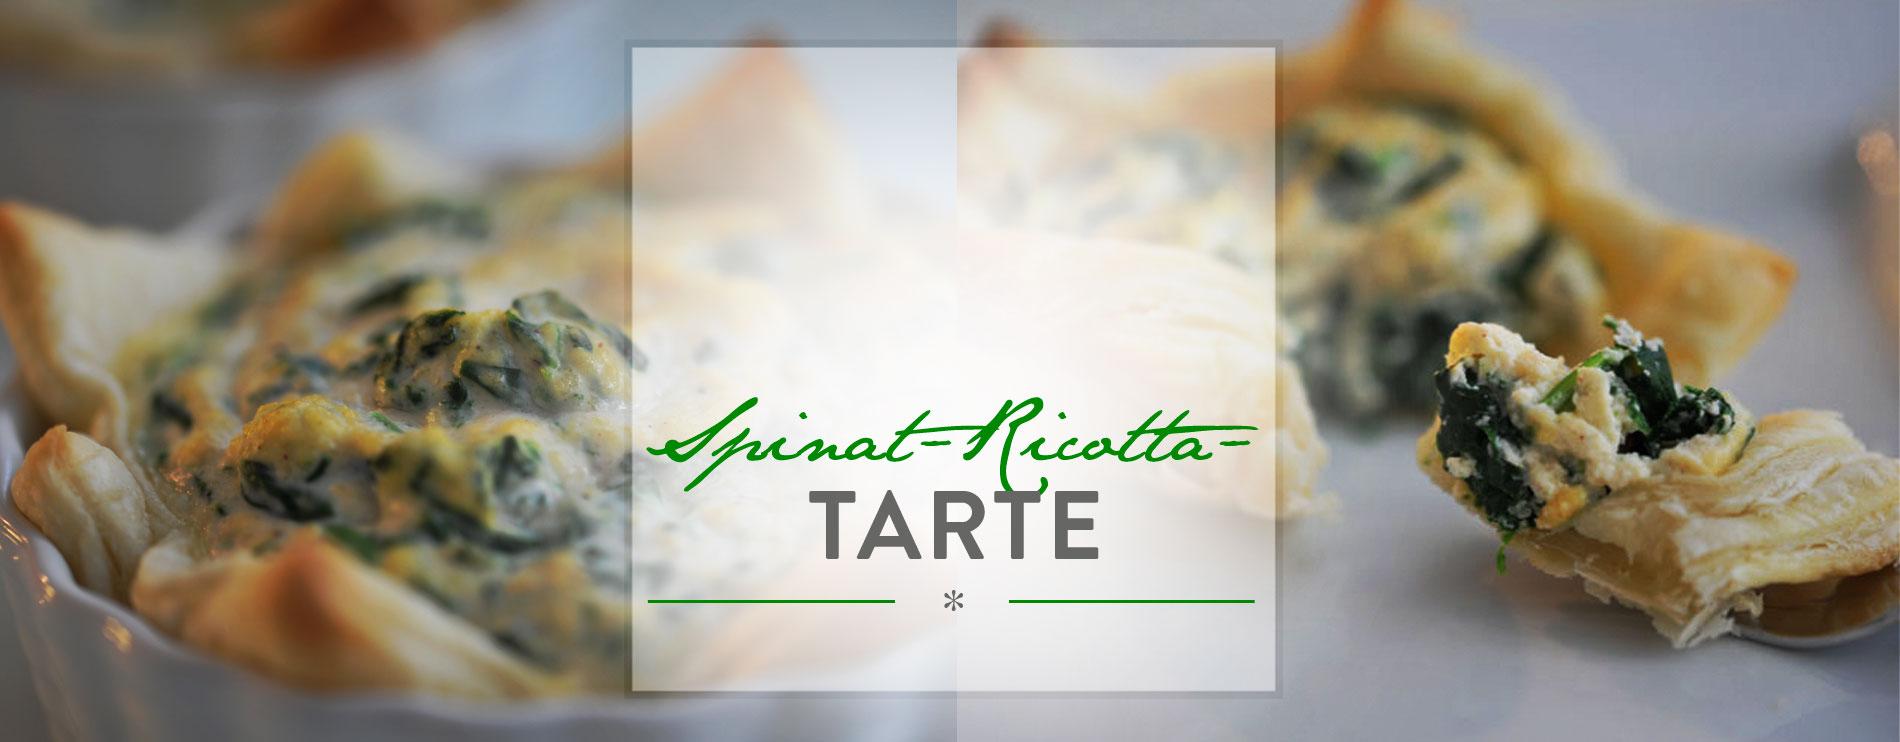 Header Spinat-Ricotta-Tarte